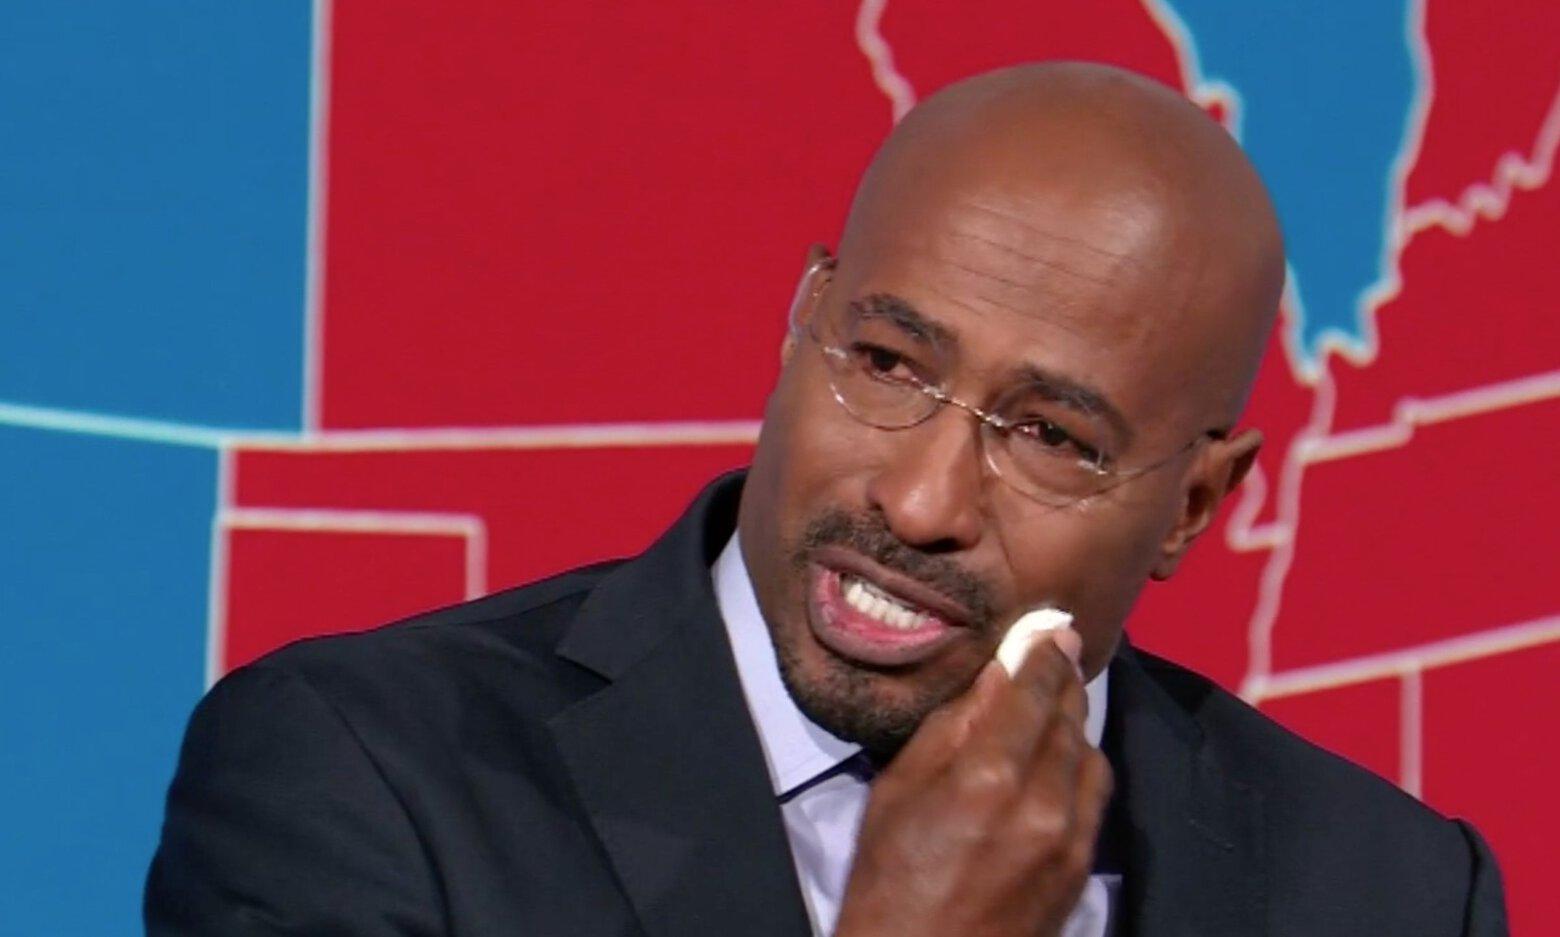 CNN's Van Jones cries on air after Joe Biden declared victor